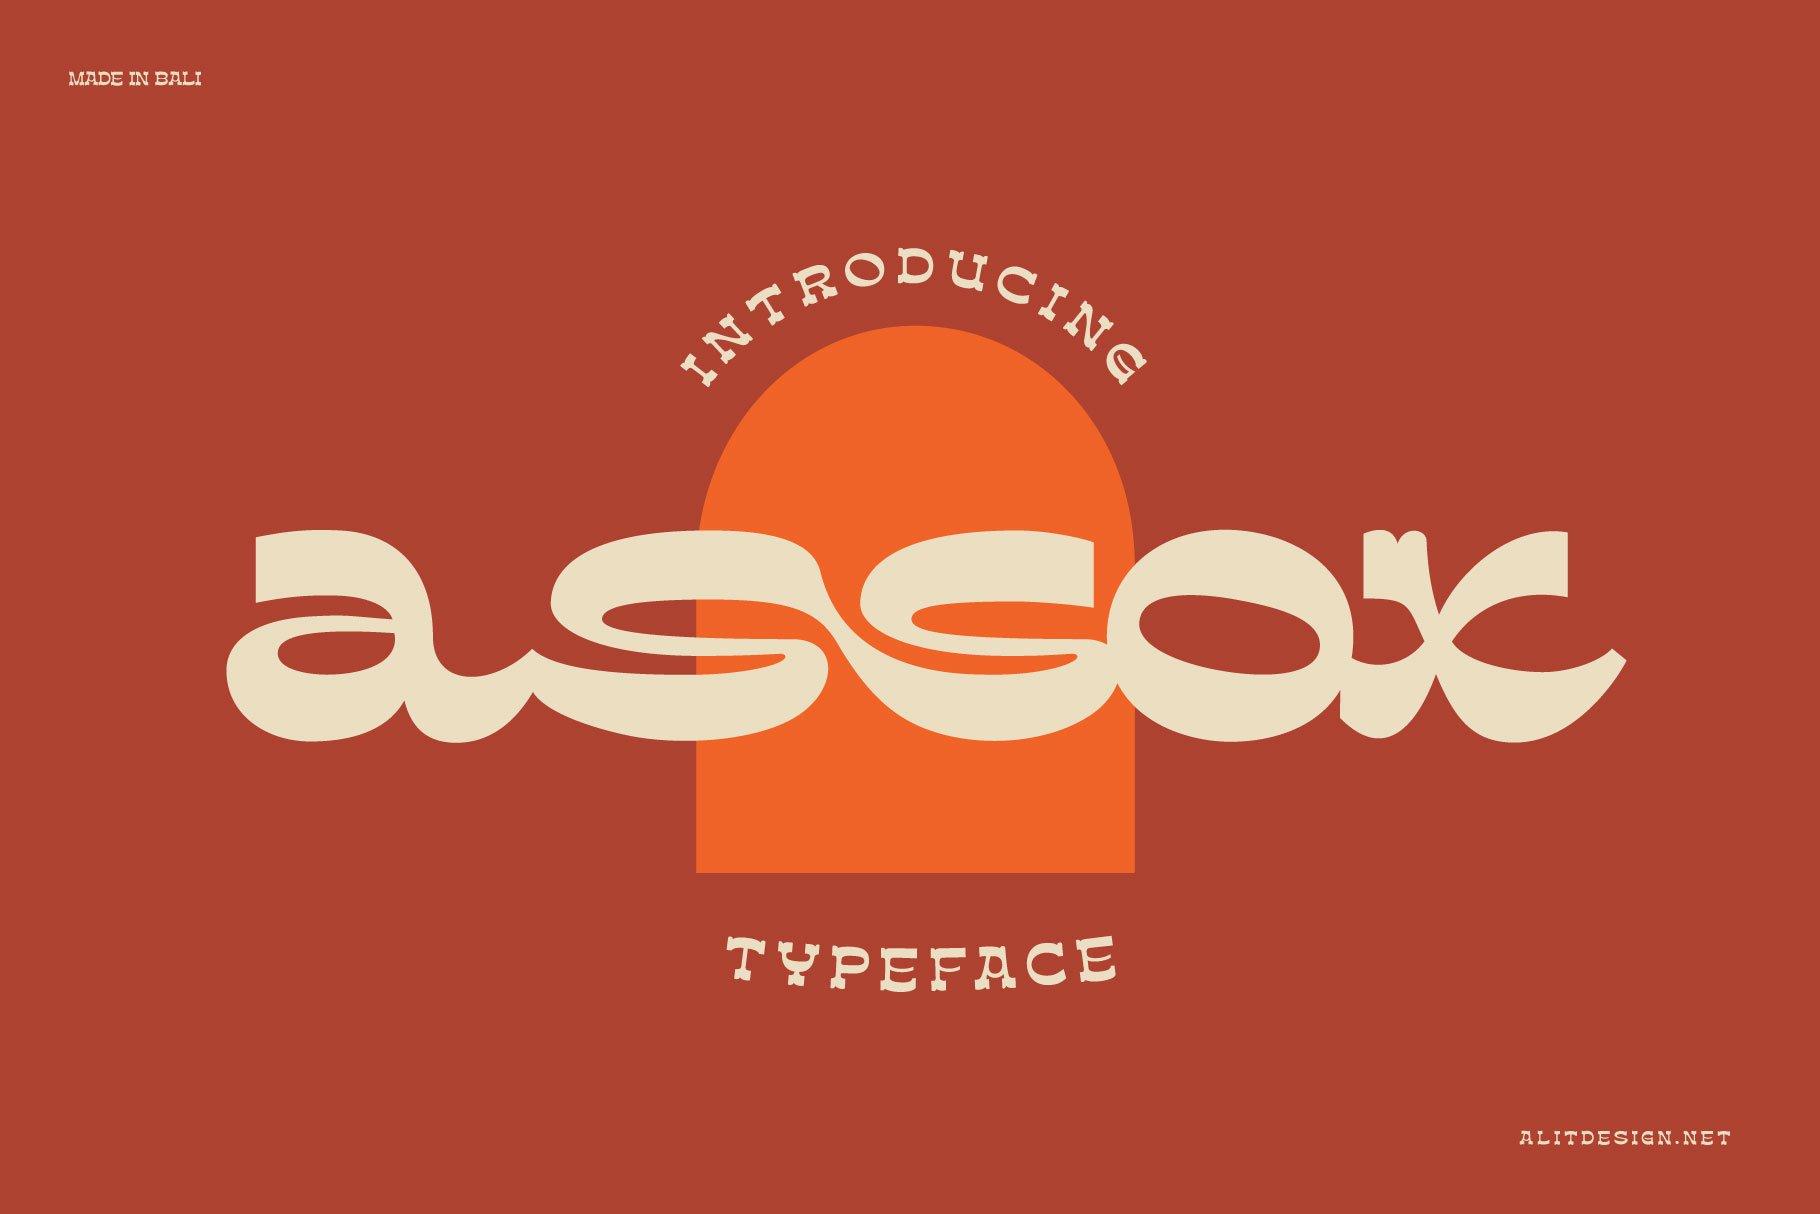 [单独购买] 潮流复古酸性逆反差海报标题Logo设计衬线英文字体素材 Assox Typeface插图